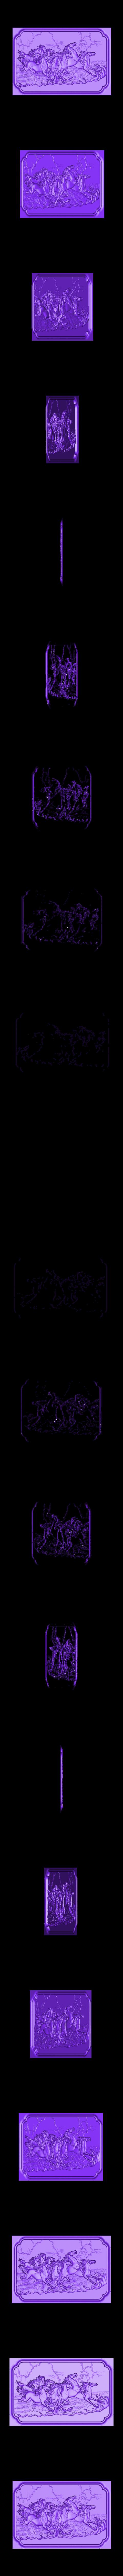 HORSEz1.stl Télécharger fichier STL gratuit modèle de secours de chevaux pour cnc • Modèle pour impression 3D, stlfilesfree